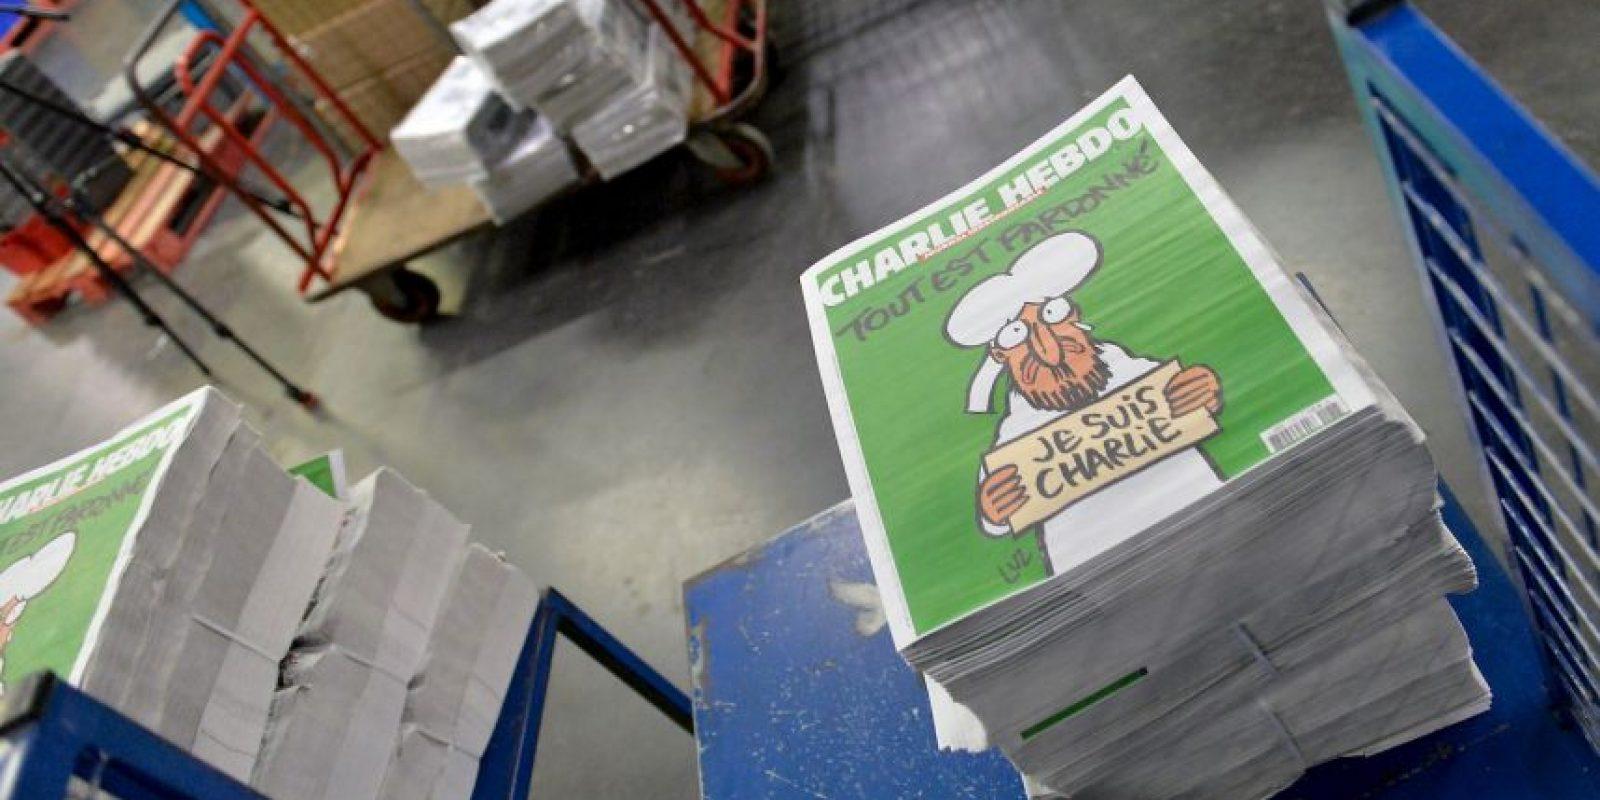 La mayor parte de los quioscos se quedaron sin ejemplares. Foto:Getty Images